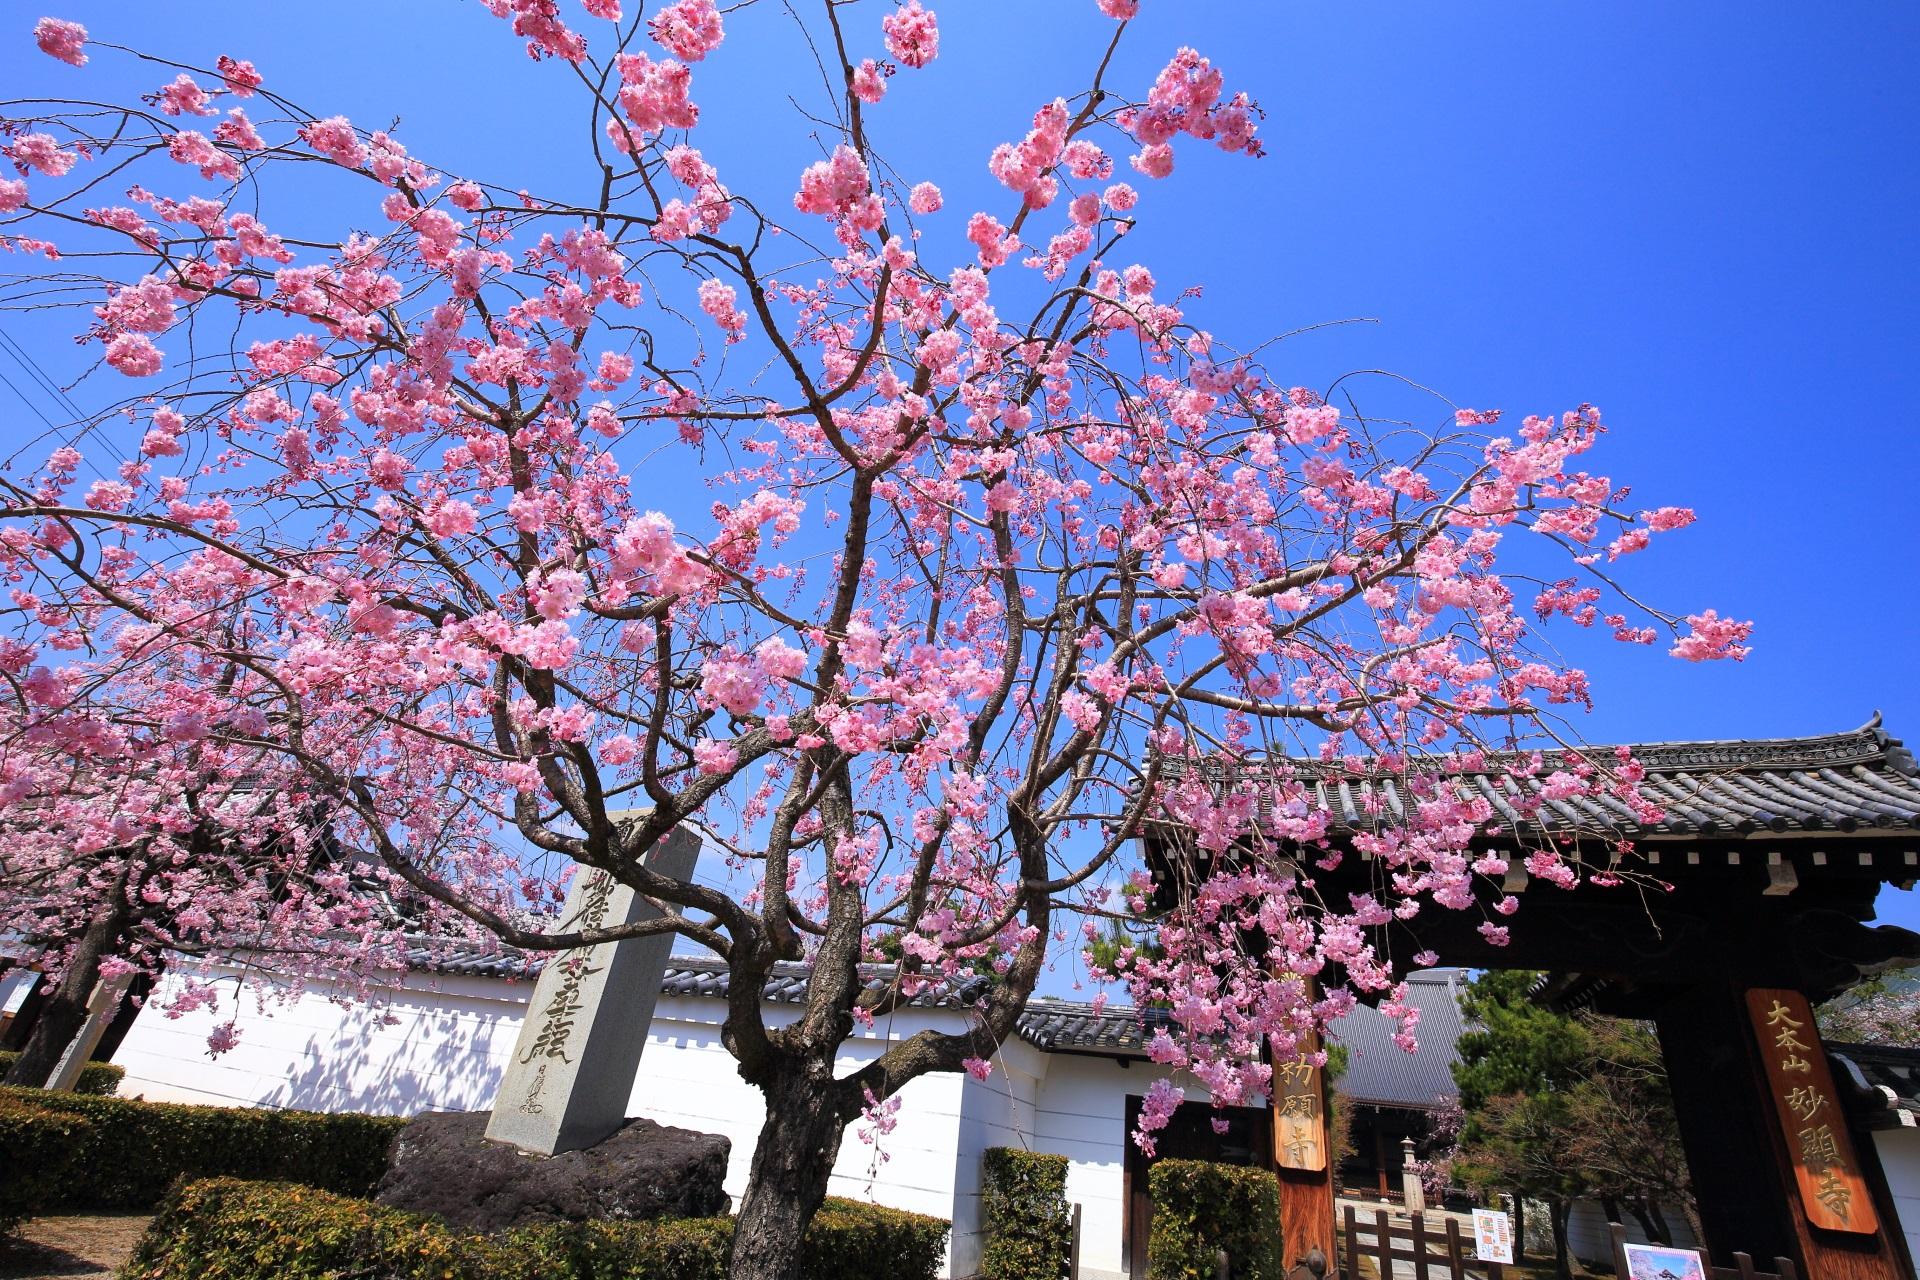 妙顕寺の青空から降り注ぐ華やかなピンクのしだれ桜